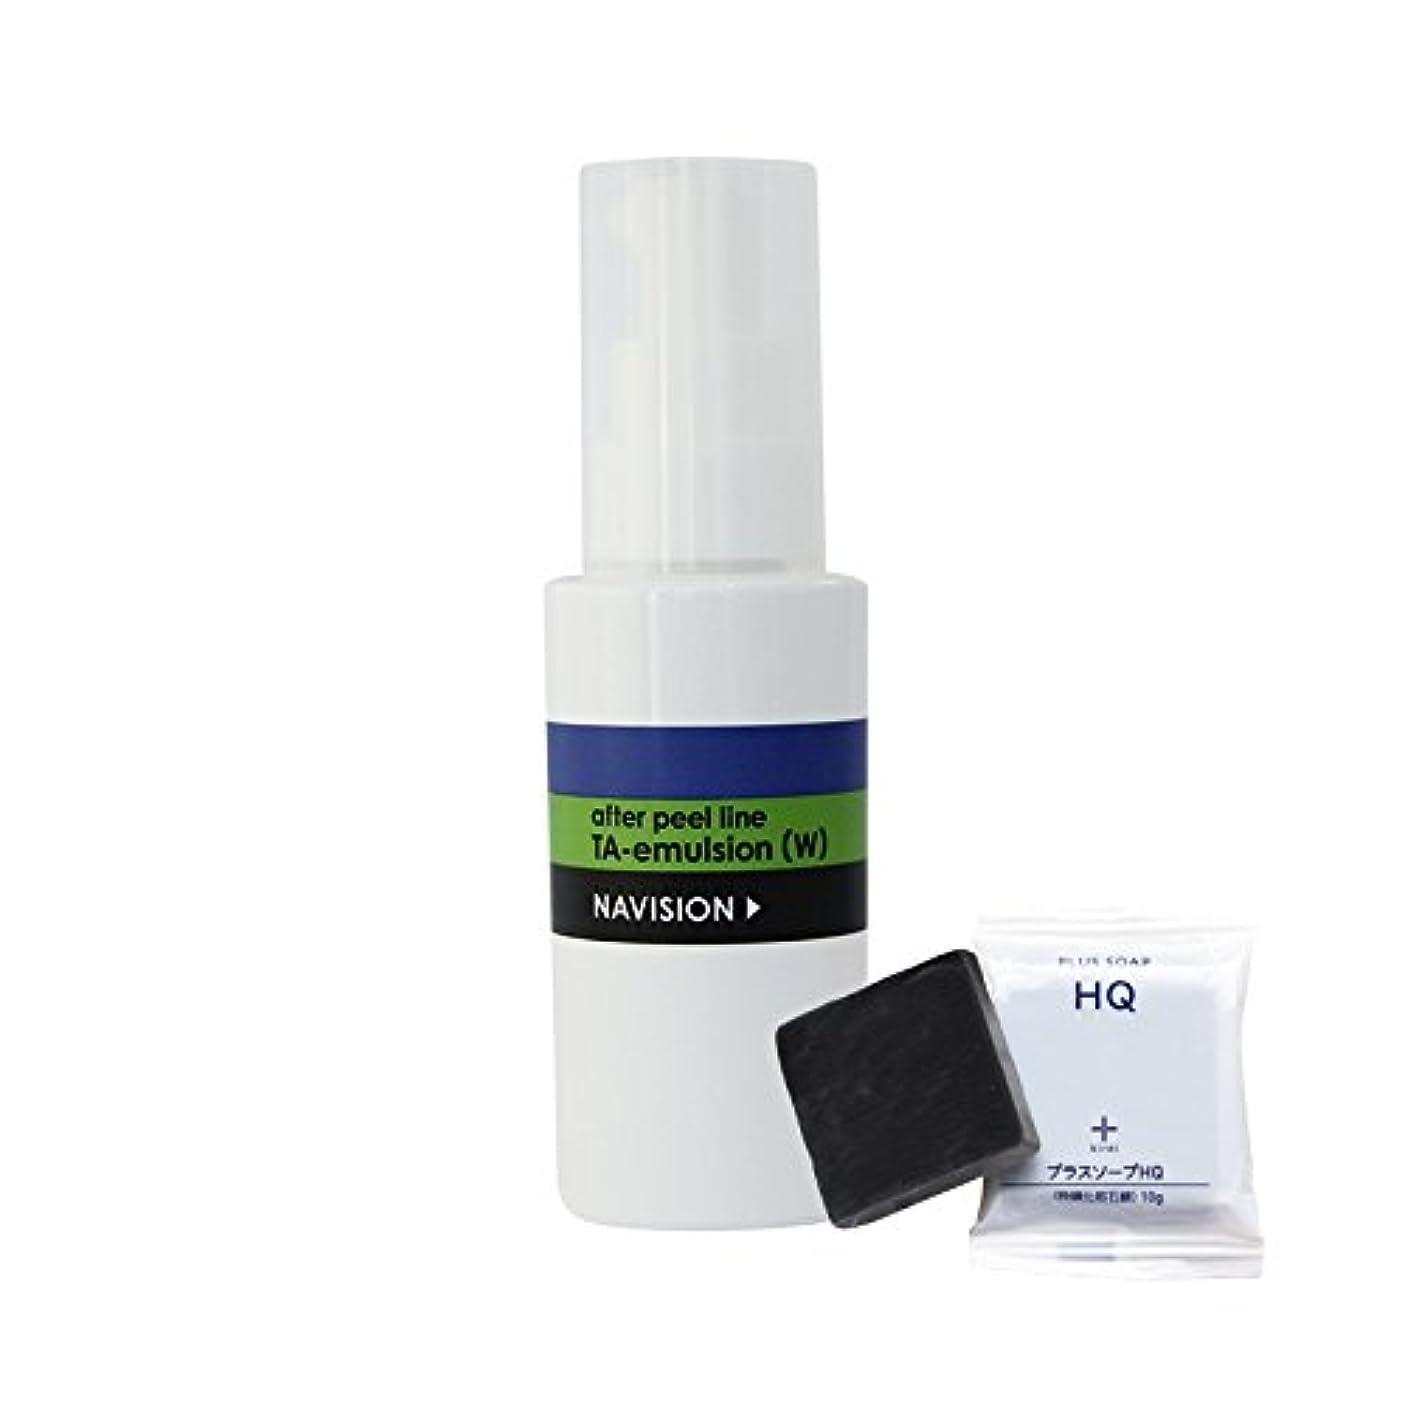 楕円形里親ミネラルナビジョン NAVISION TAエマルジョン(W) (医薬部外品) + プラスキレイ プラスソープHQミニ